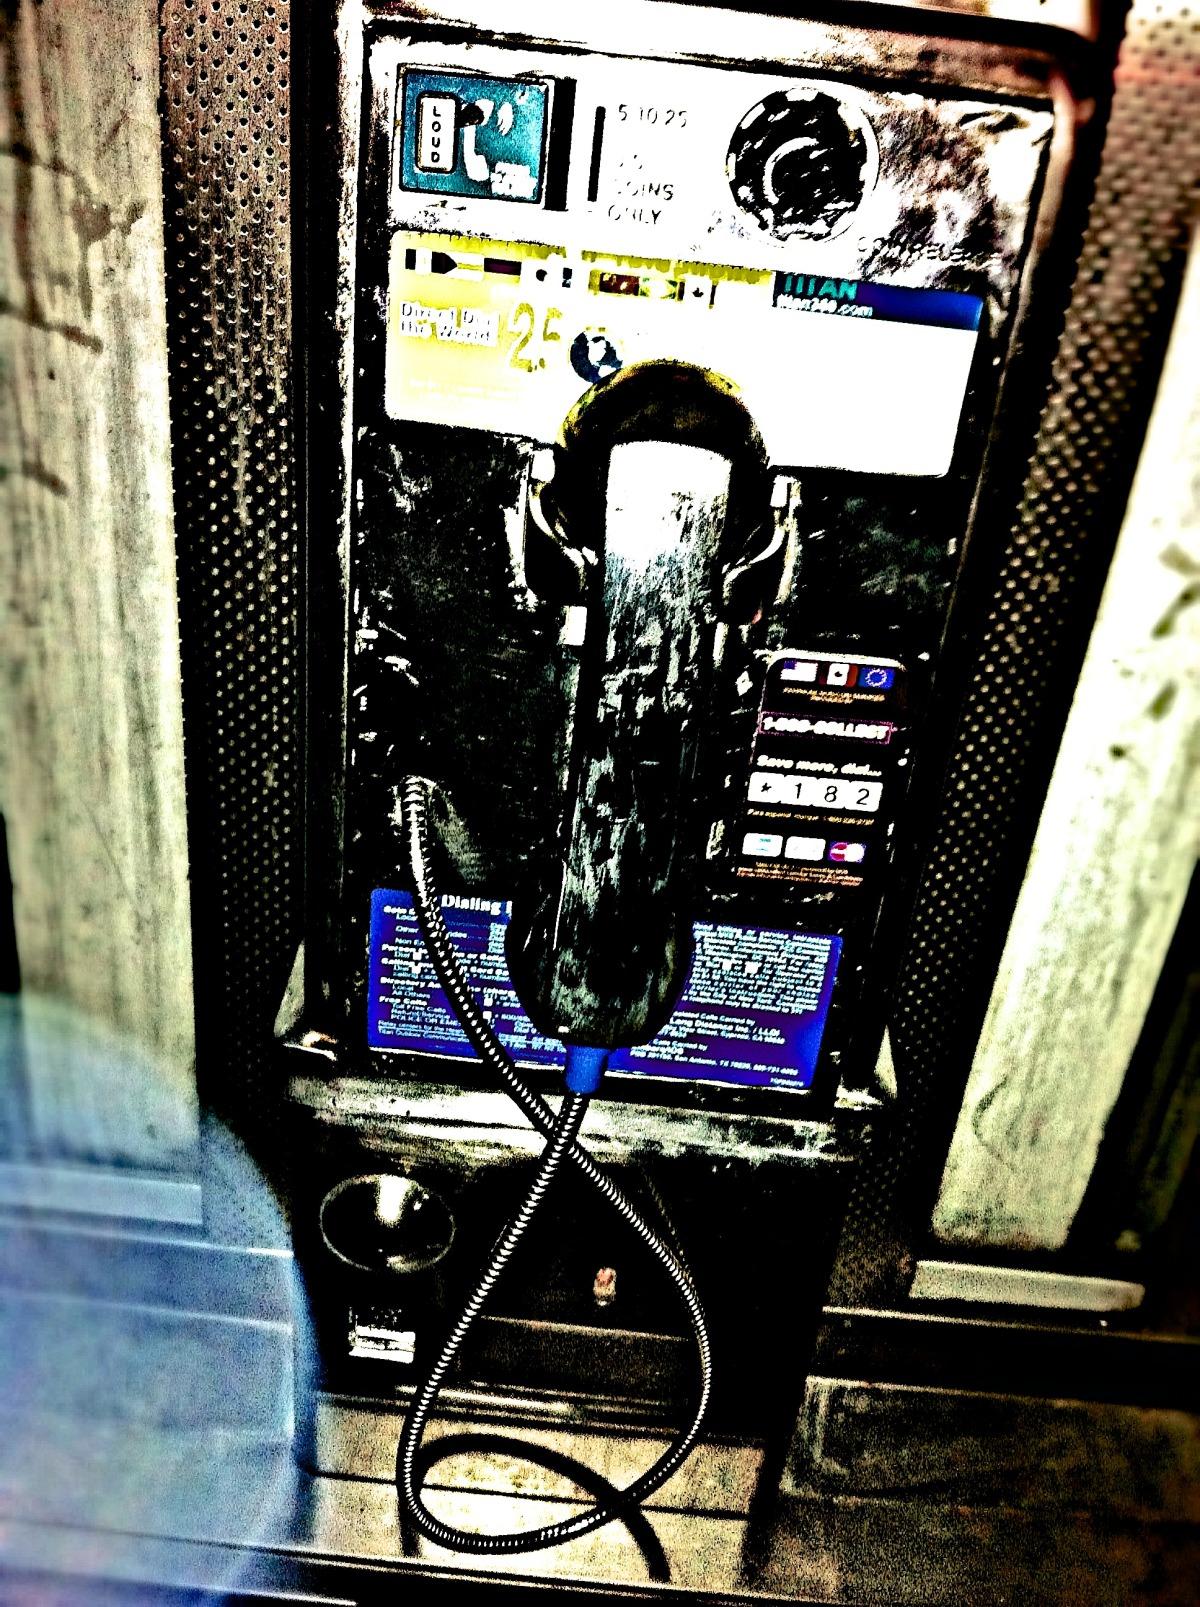 payphone export july 2012 4.jpg